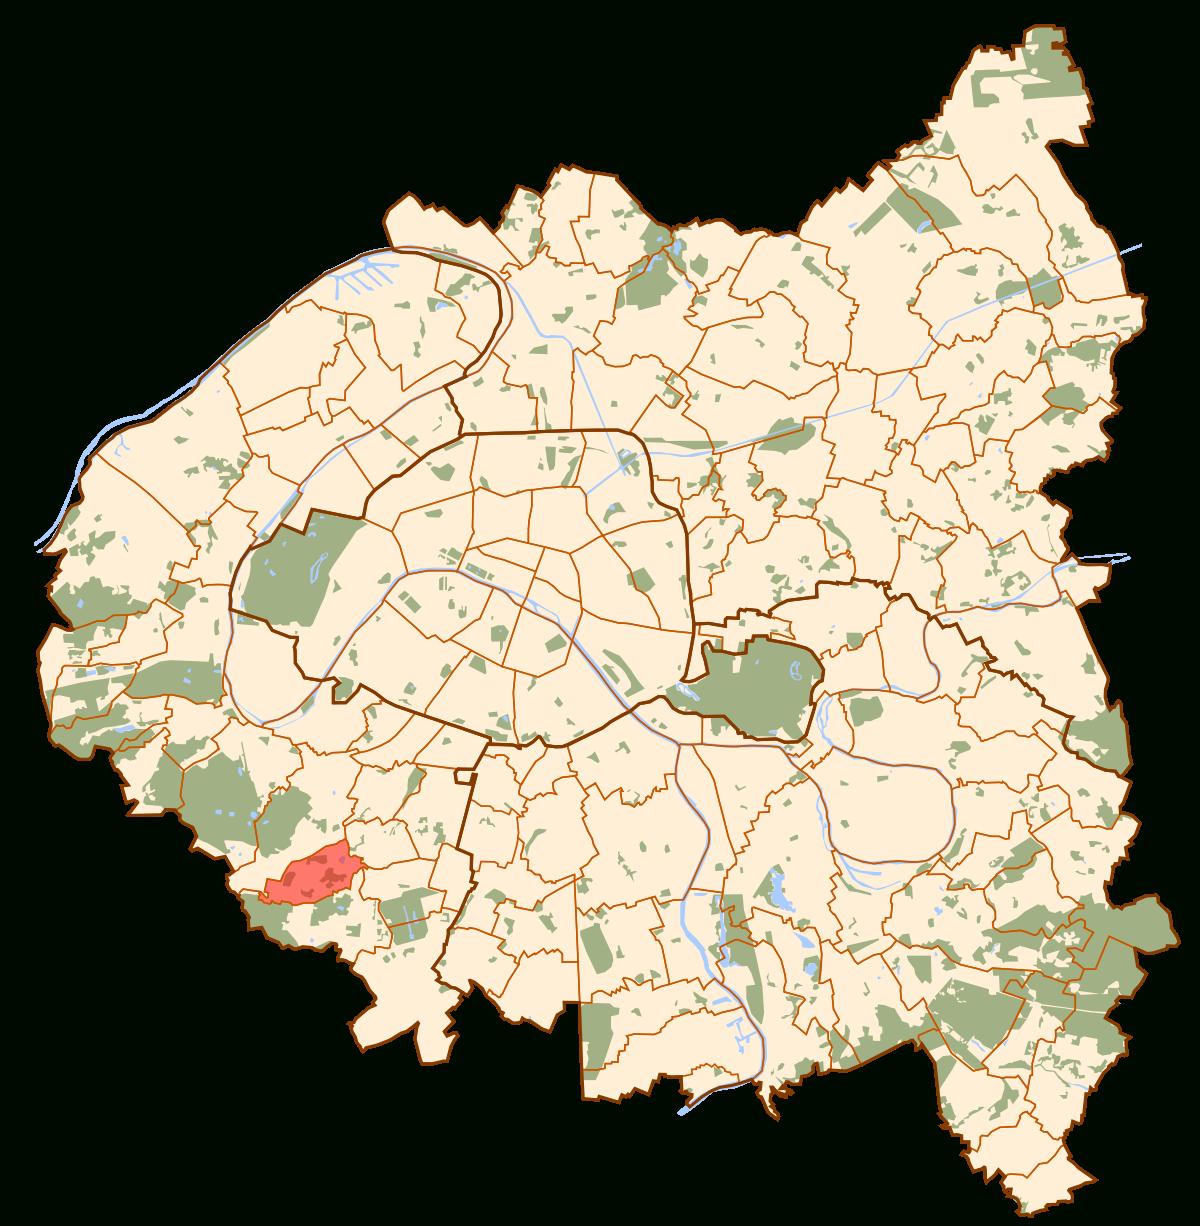 Le Plessis-Robinson - Wikipedia pour Petite Carte De France